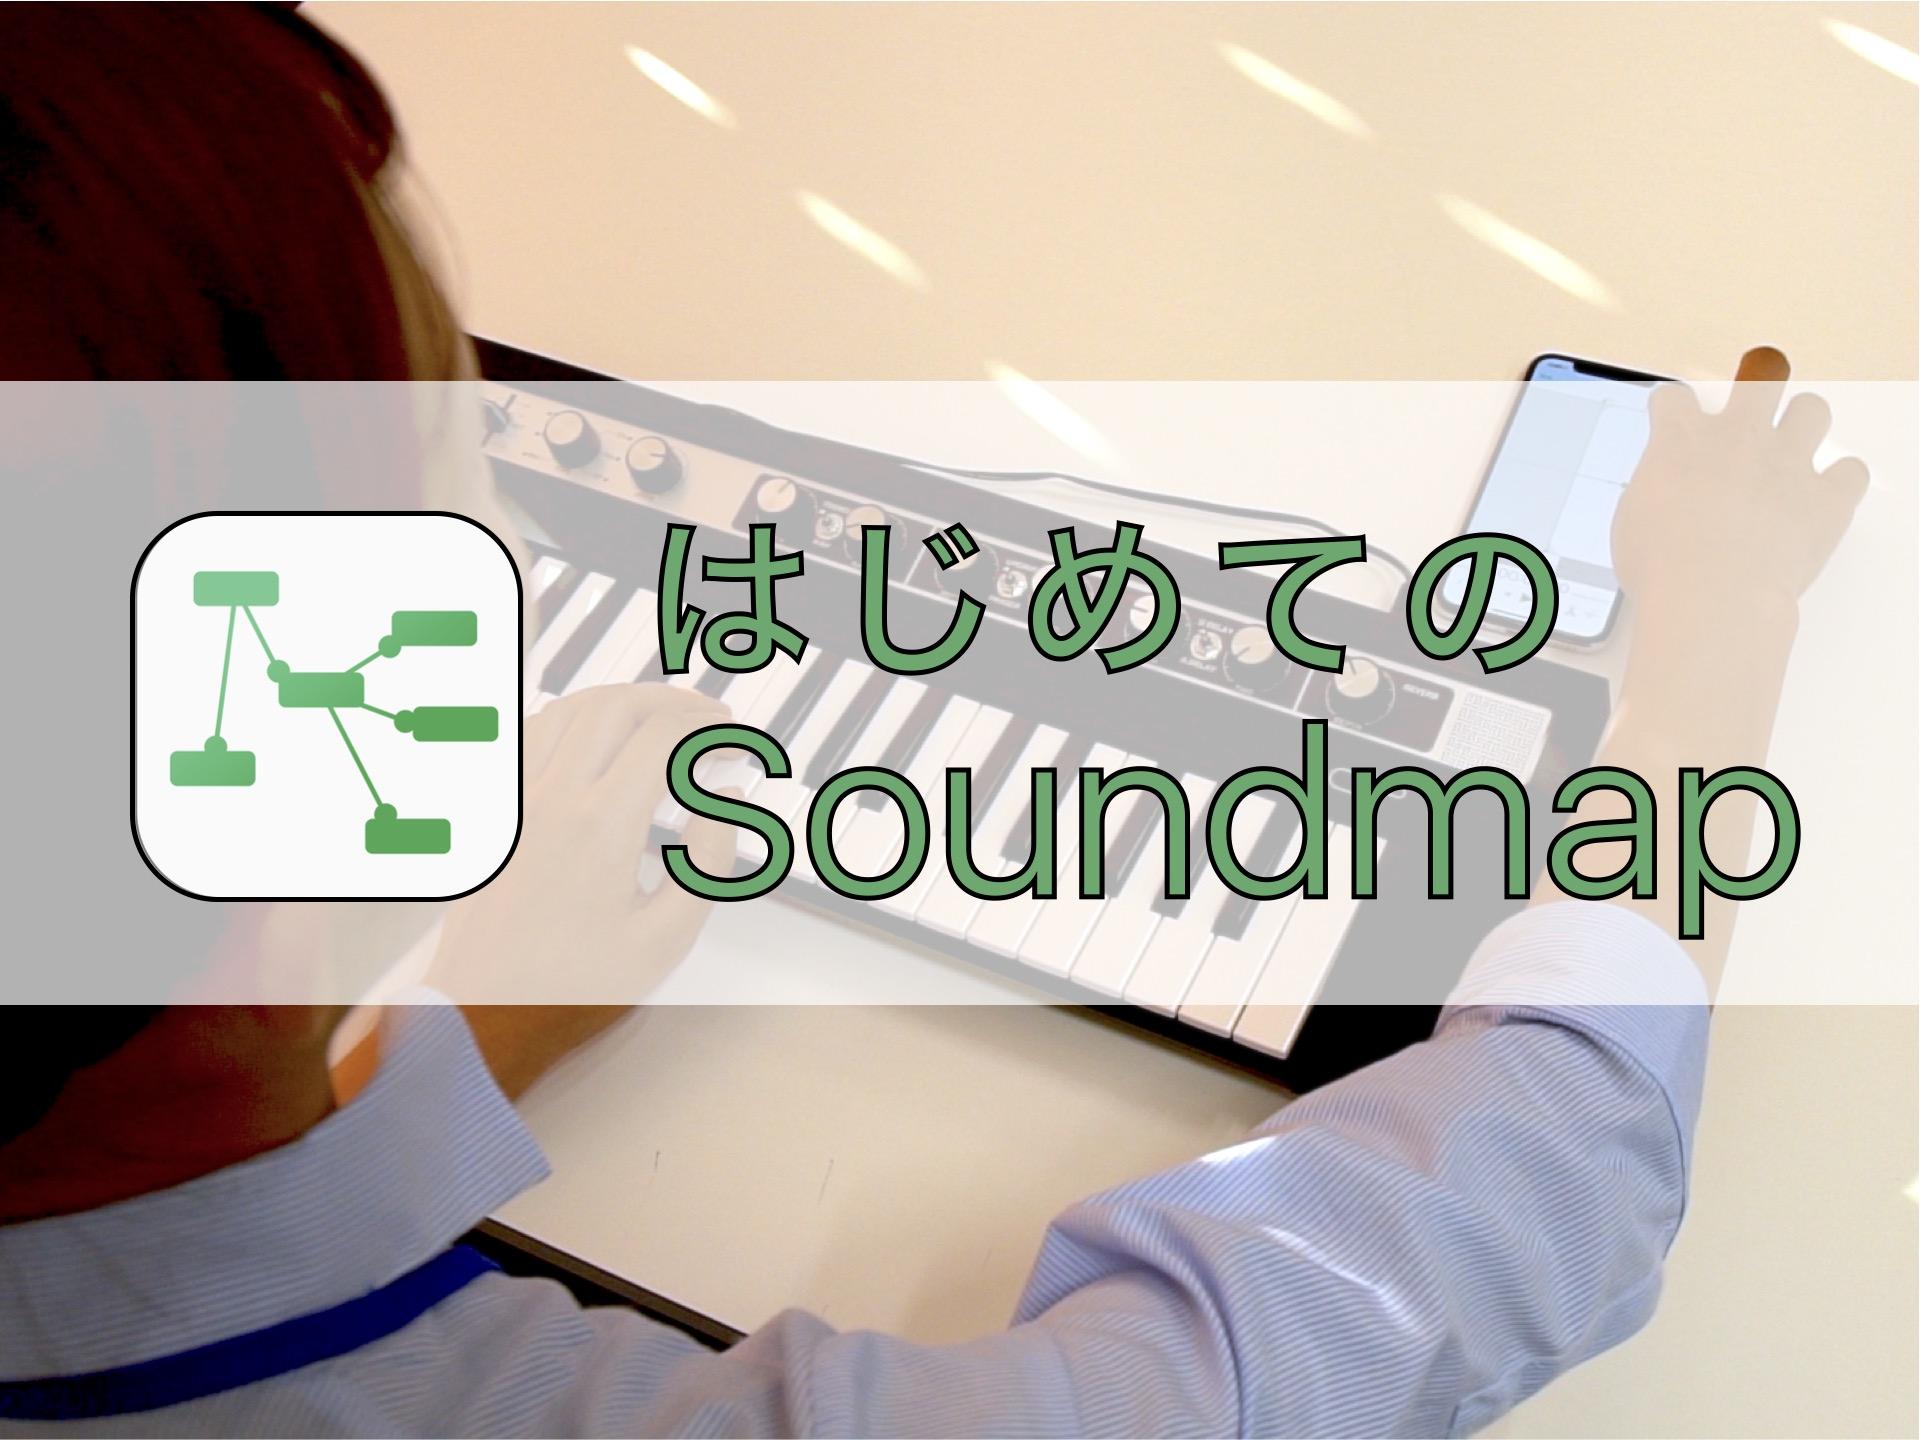 Soundmap_サムネ